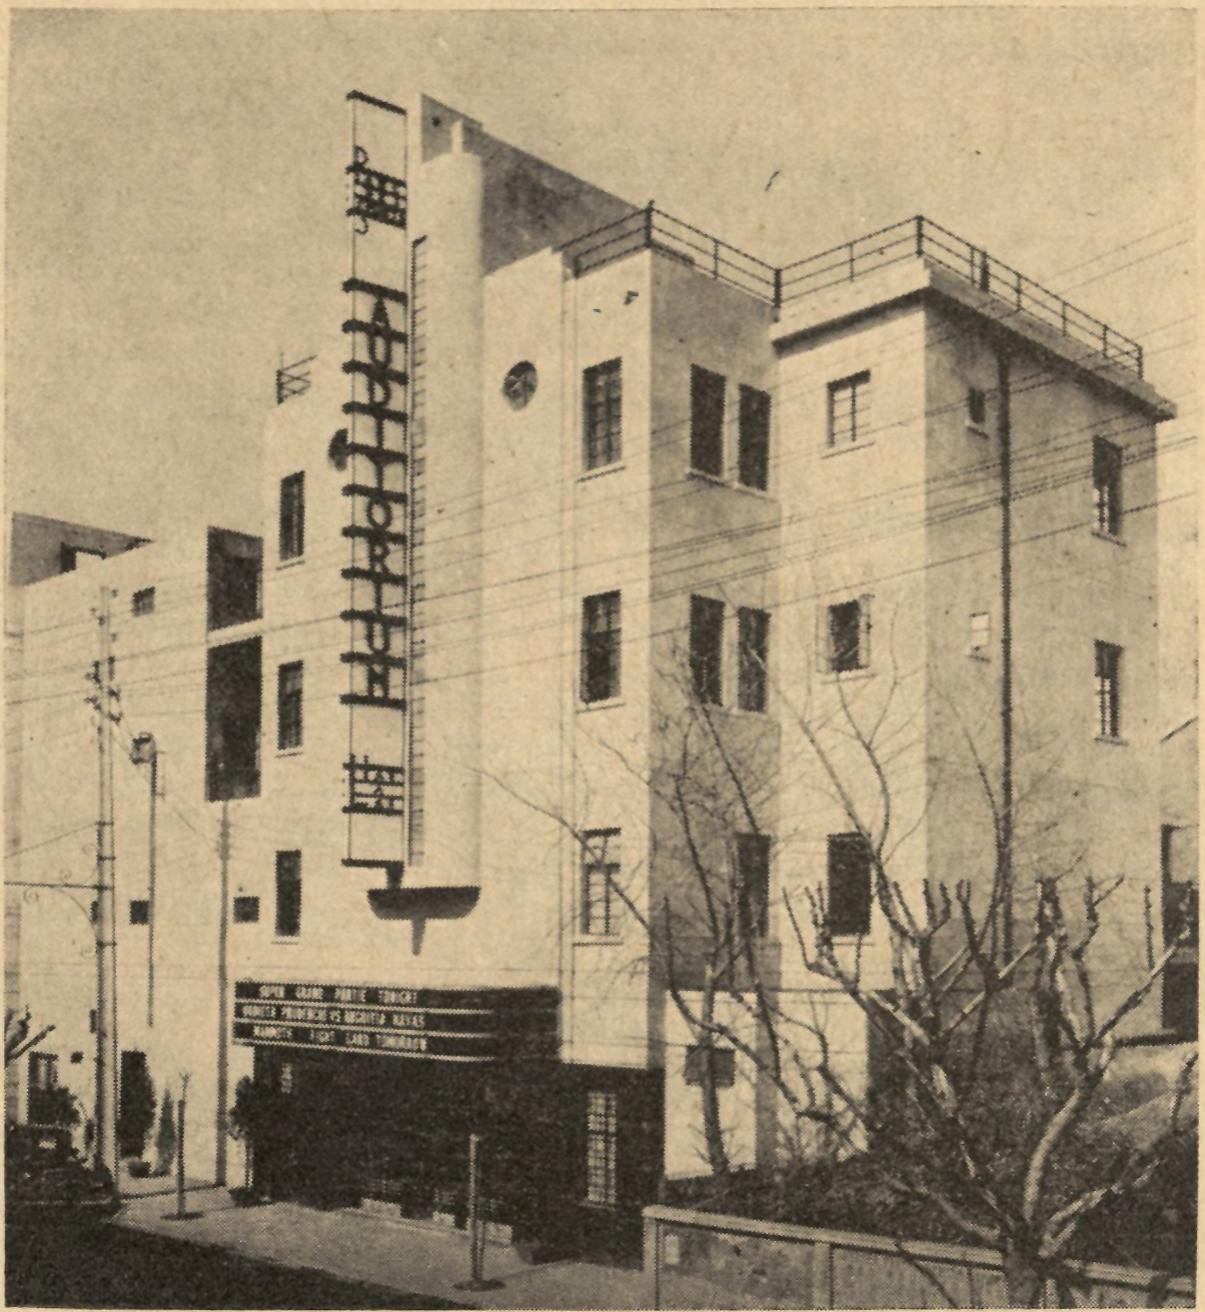 上海回力球场(又称中央运动场)照片刊登于《法文上海日报》(1935年8月3日)。上海塞万提斯图书馆供图